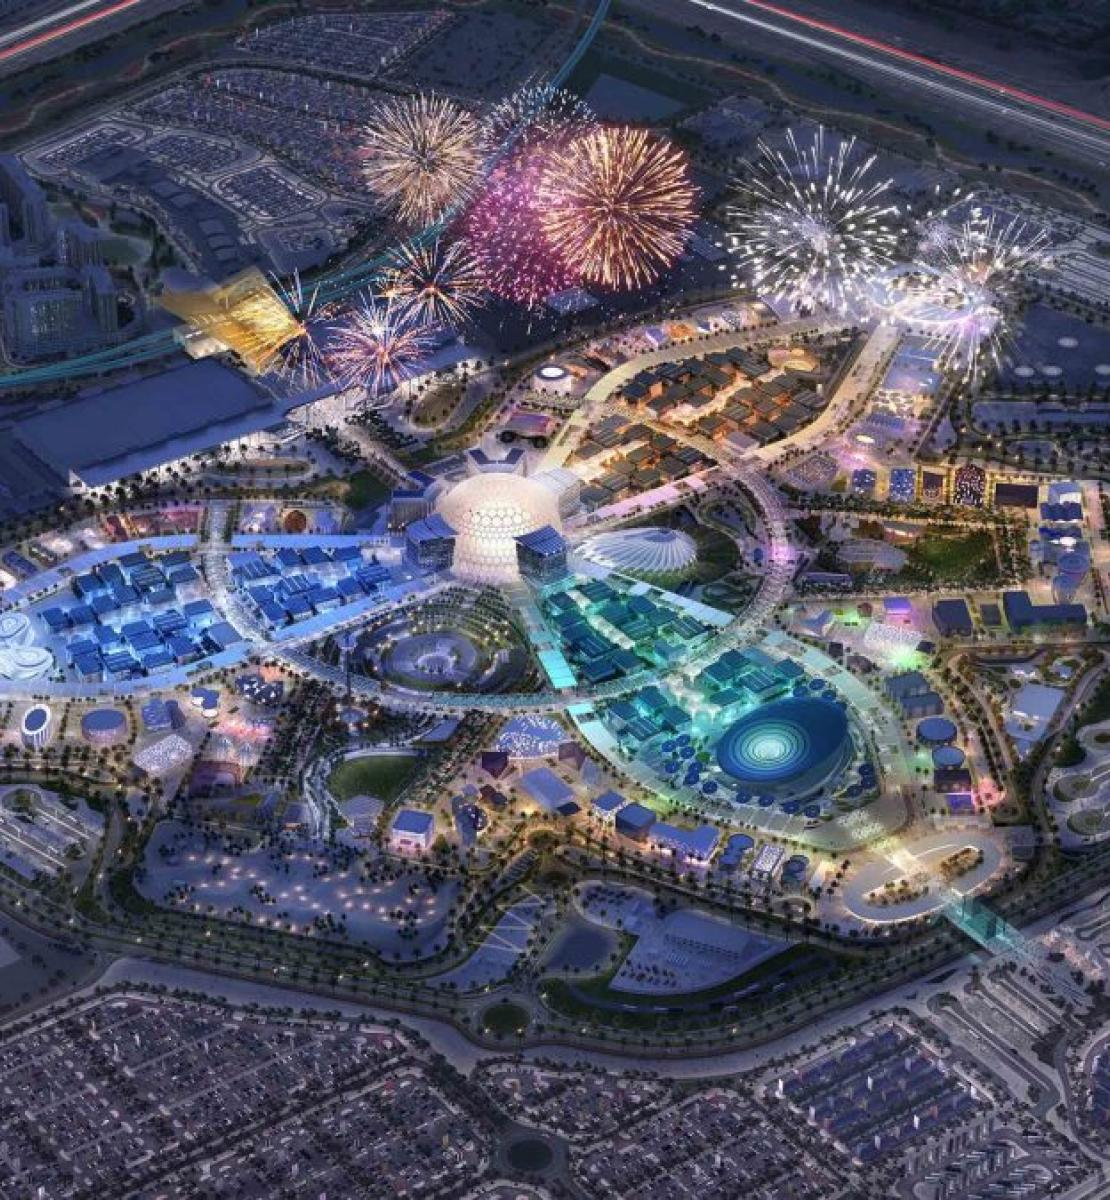 Una imagen aérea de una ciudad cuyo cielo está iluminado por fuegos artificiales.